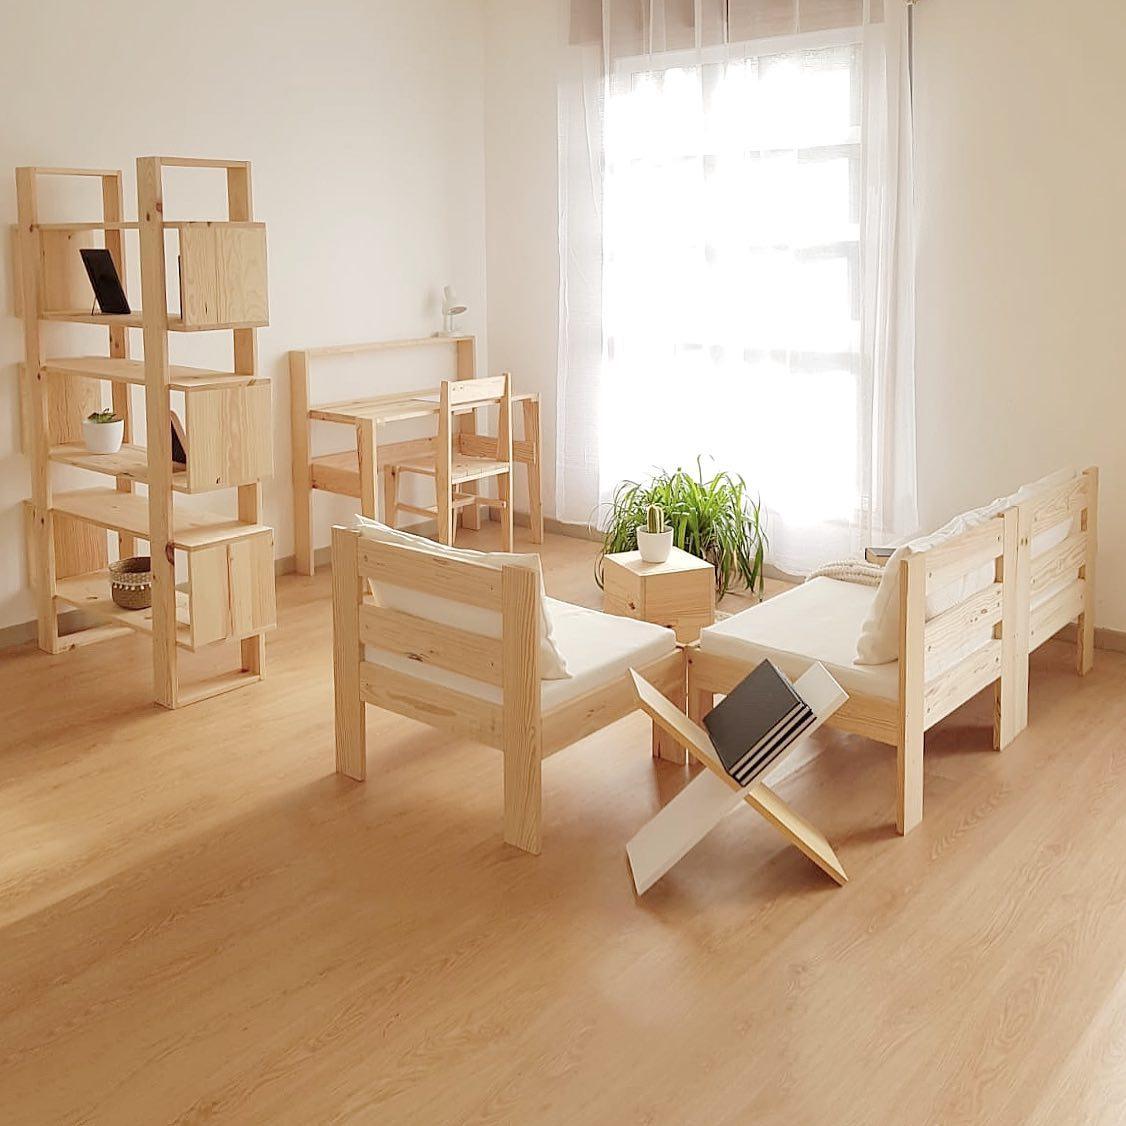 Salón utile en madera maciza de pino gallego sostenible.